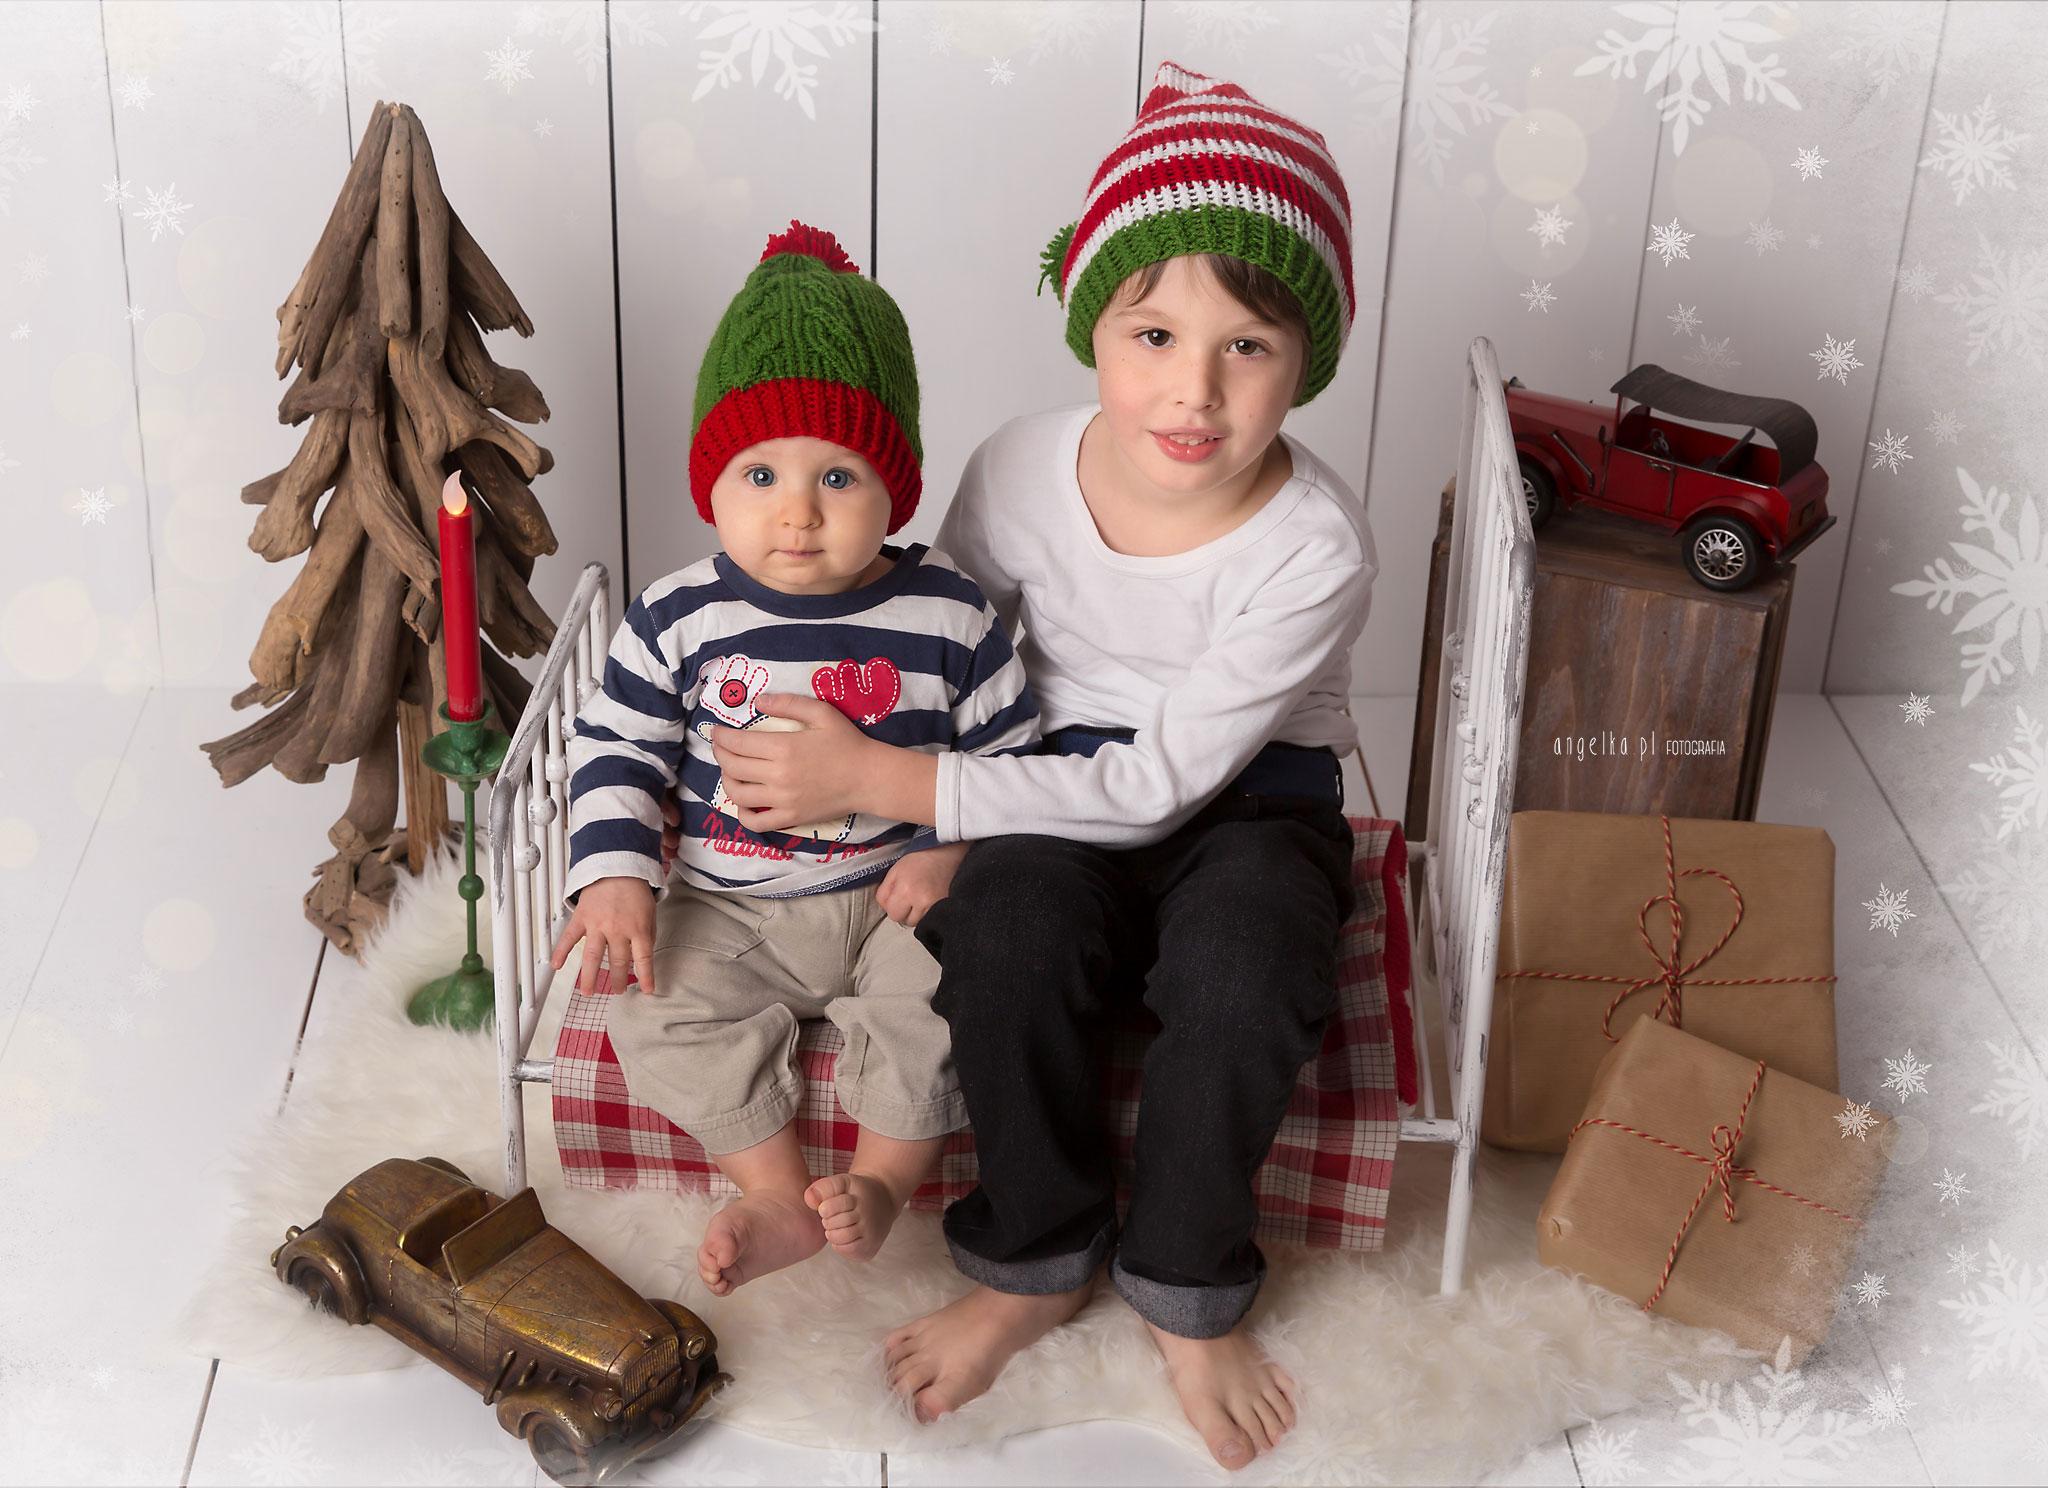 świąteczne zdjęcia Szymona i Damiana